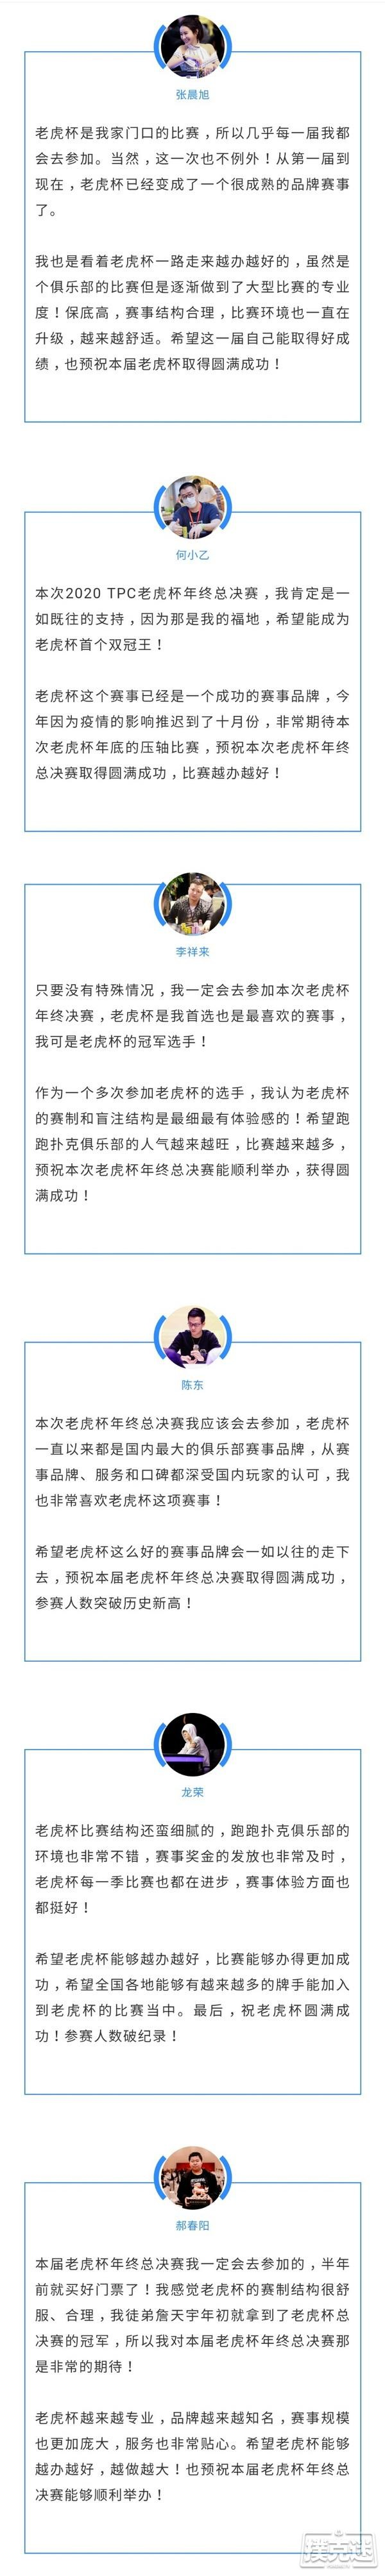 众星璀璨!明星牌手祝福2020 TPC老虎杯年终总决赛!